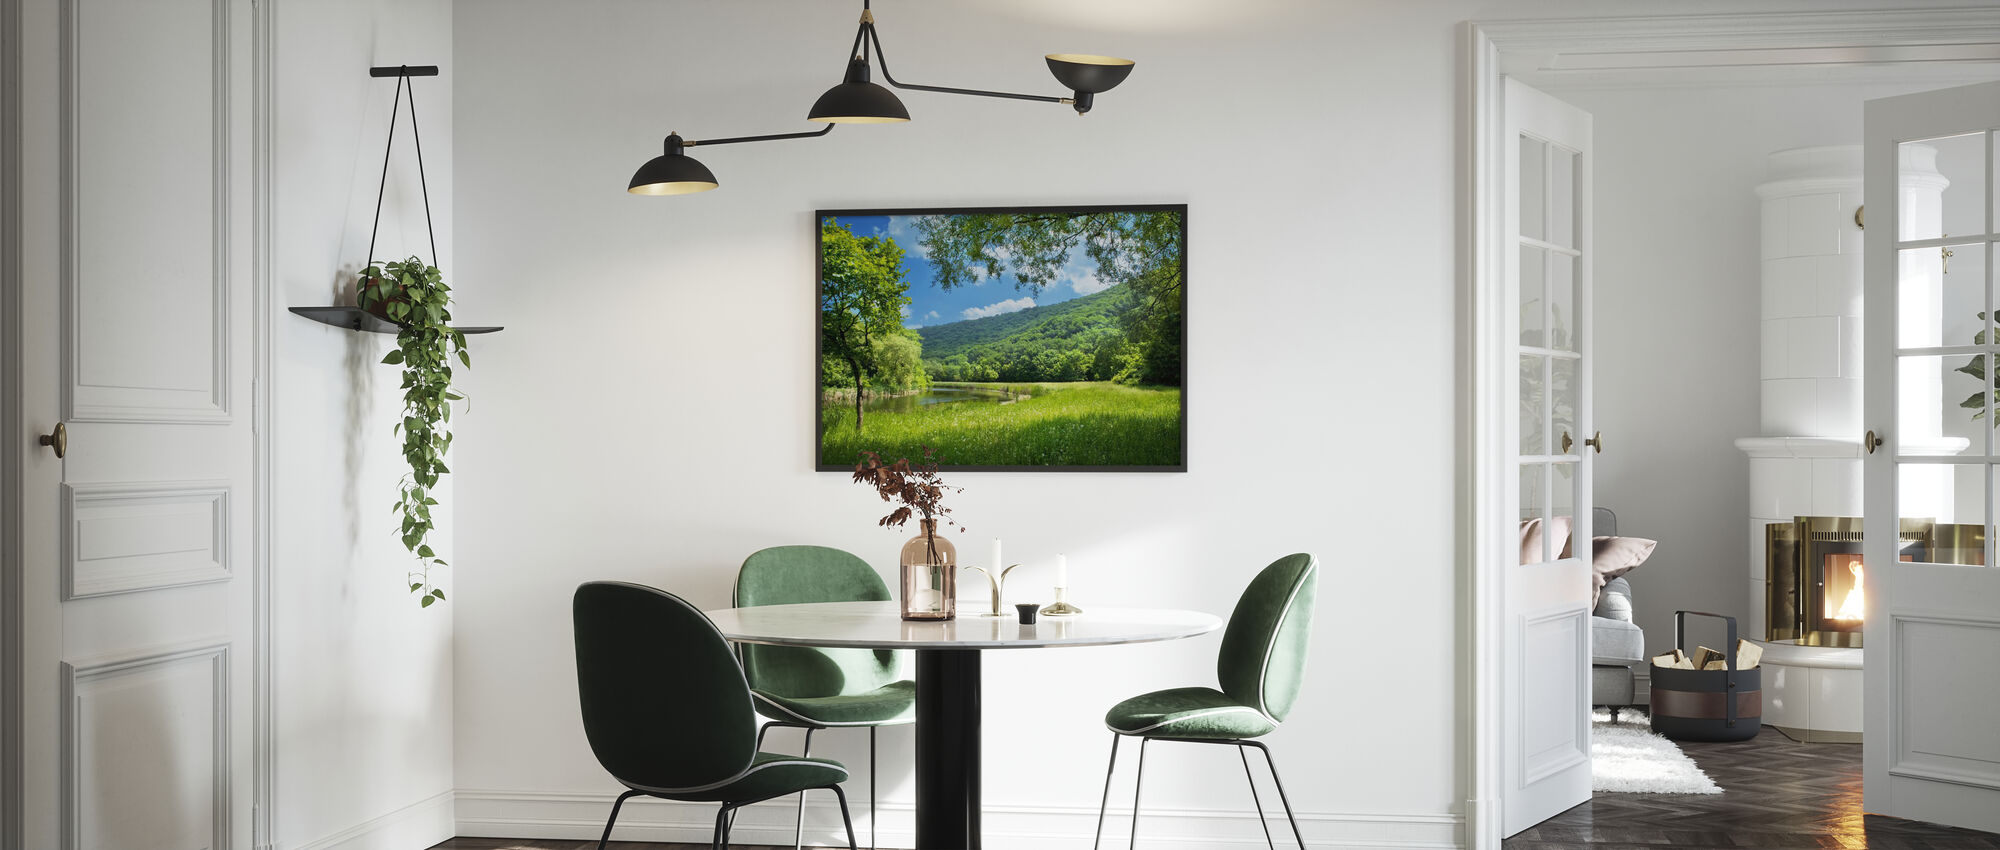 Summer Landscape with River - Framed print - Kitchen